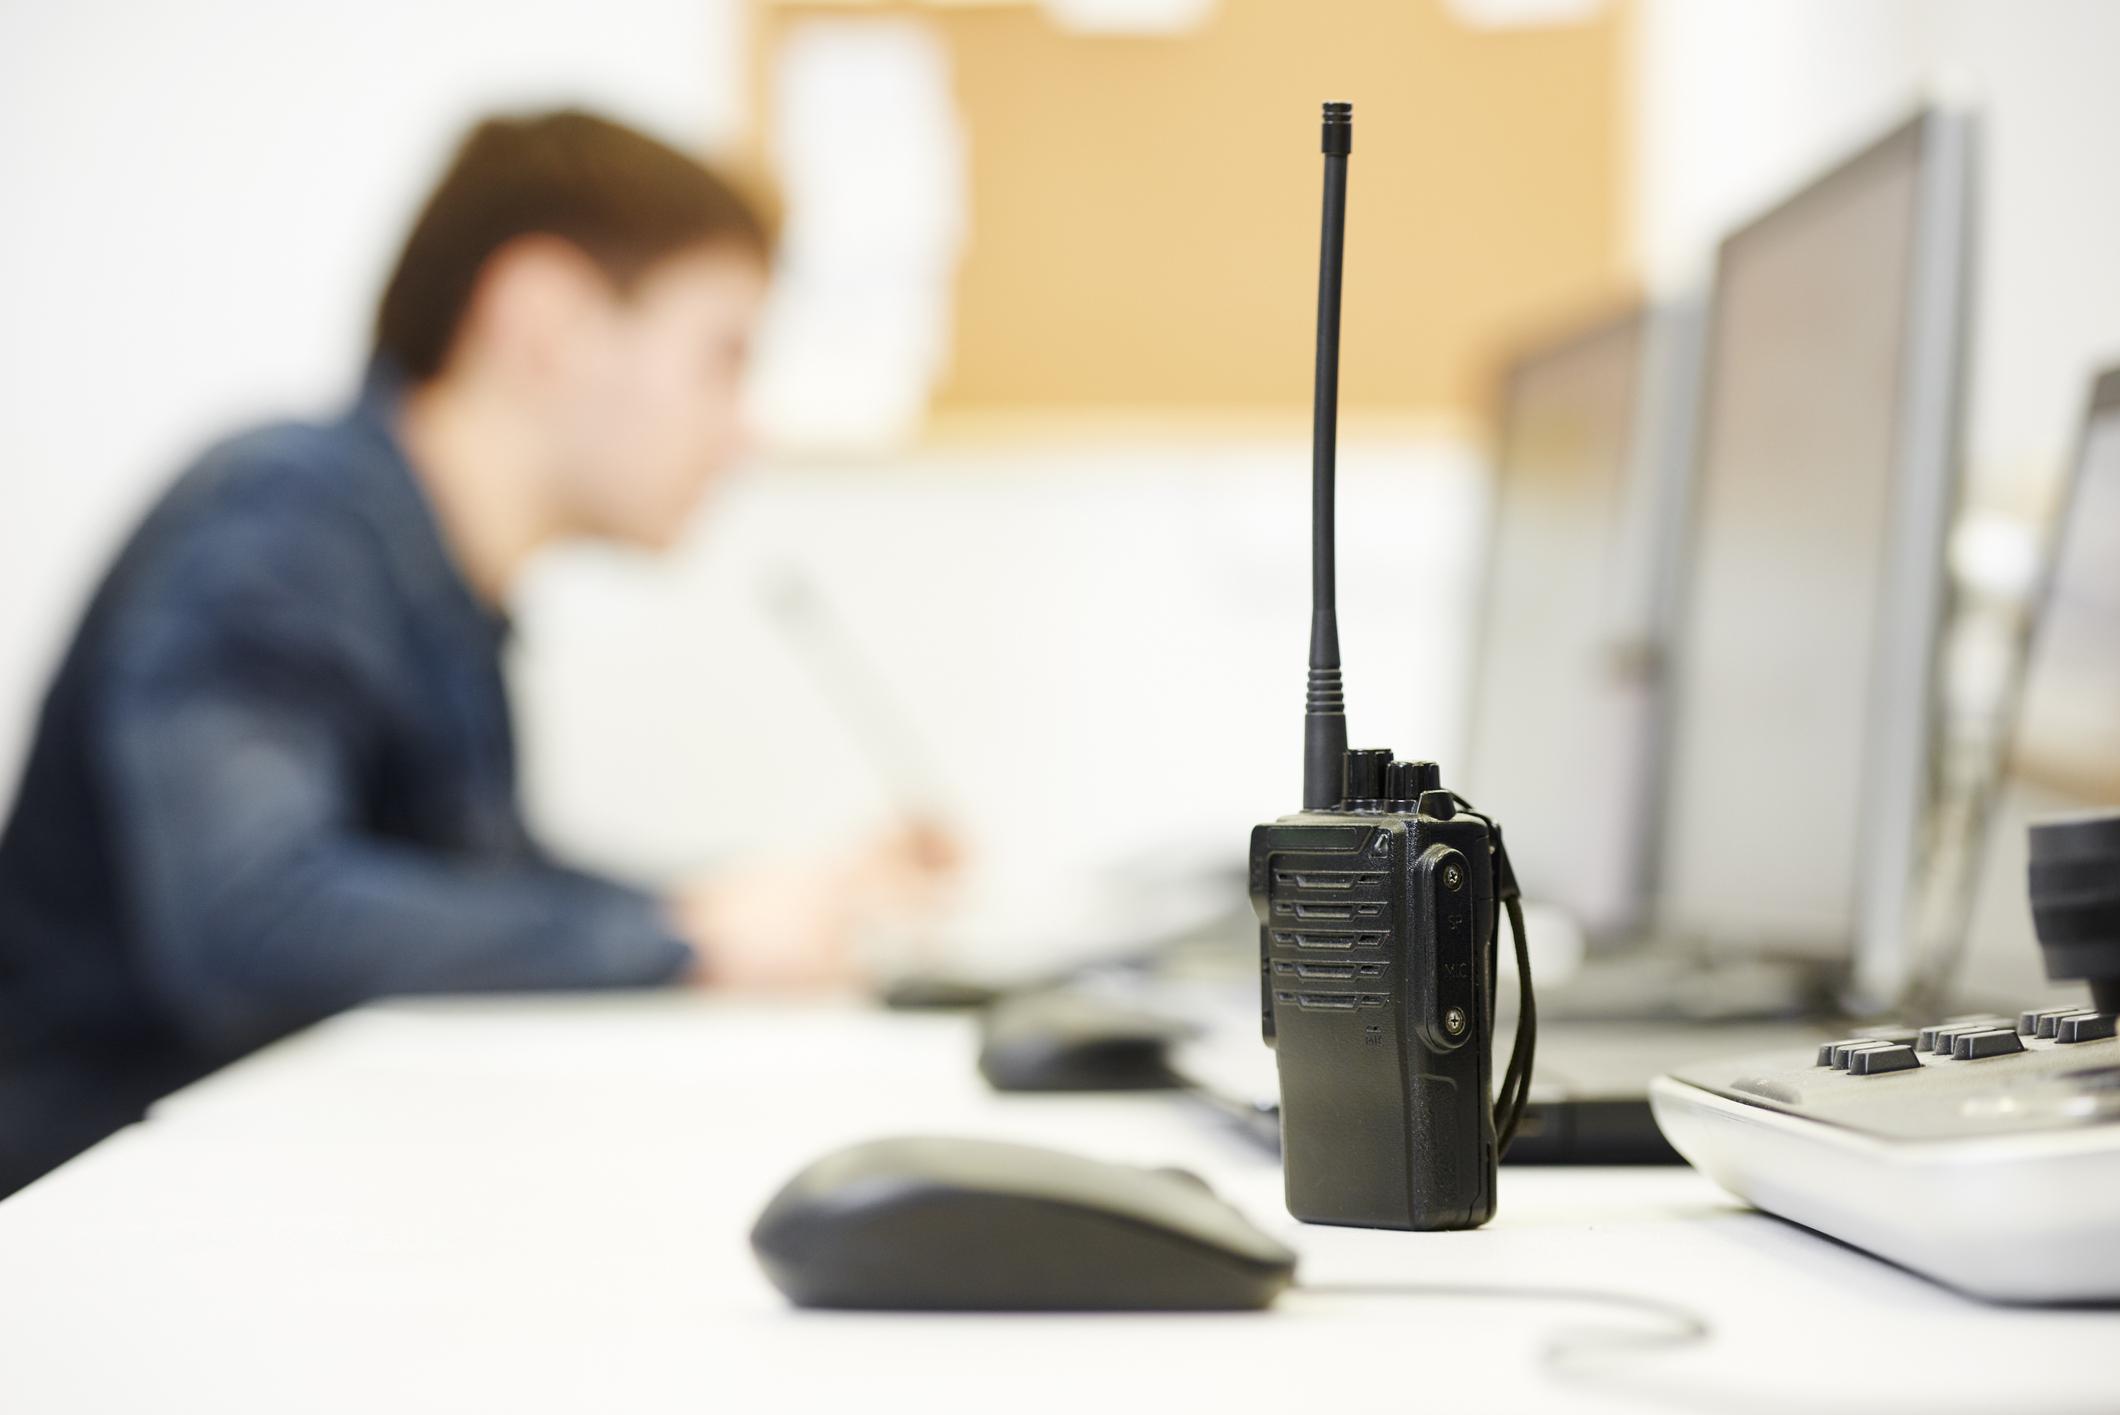 携帯電話の通話エリアを利用した、通信距離制限のない無線システム。